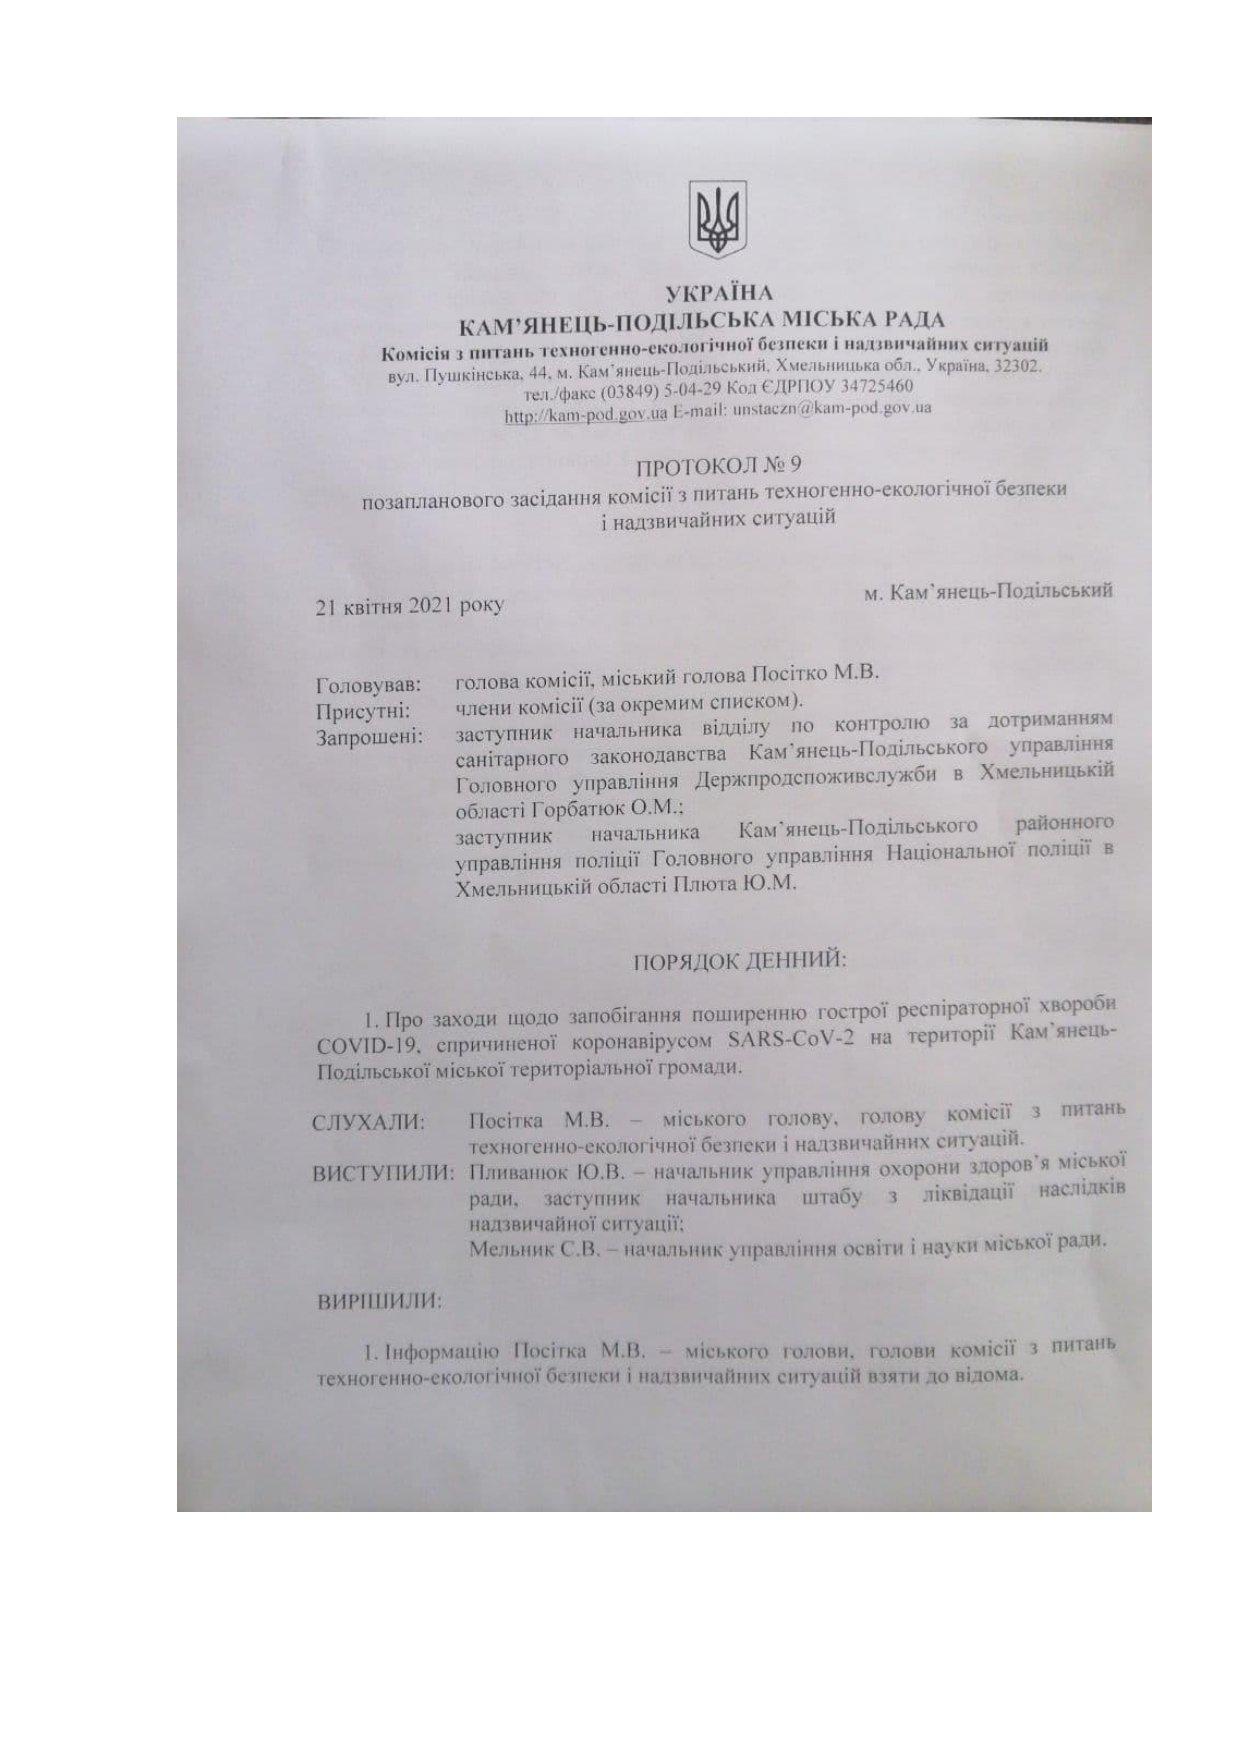 У Кам'янці-Подільському дозволили роботу непродовольчих ринків, фото-1